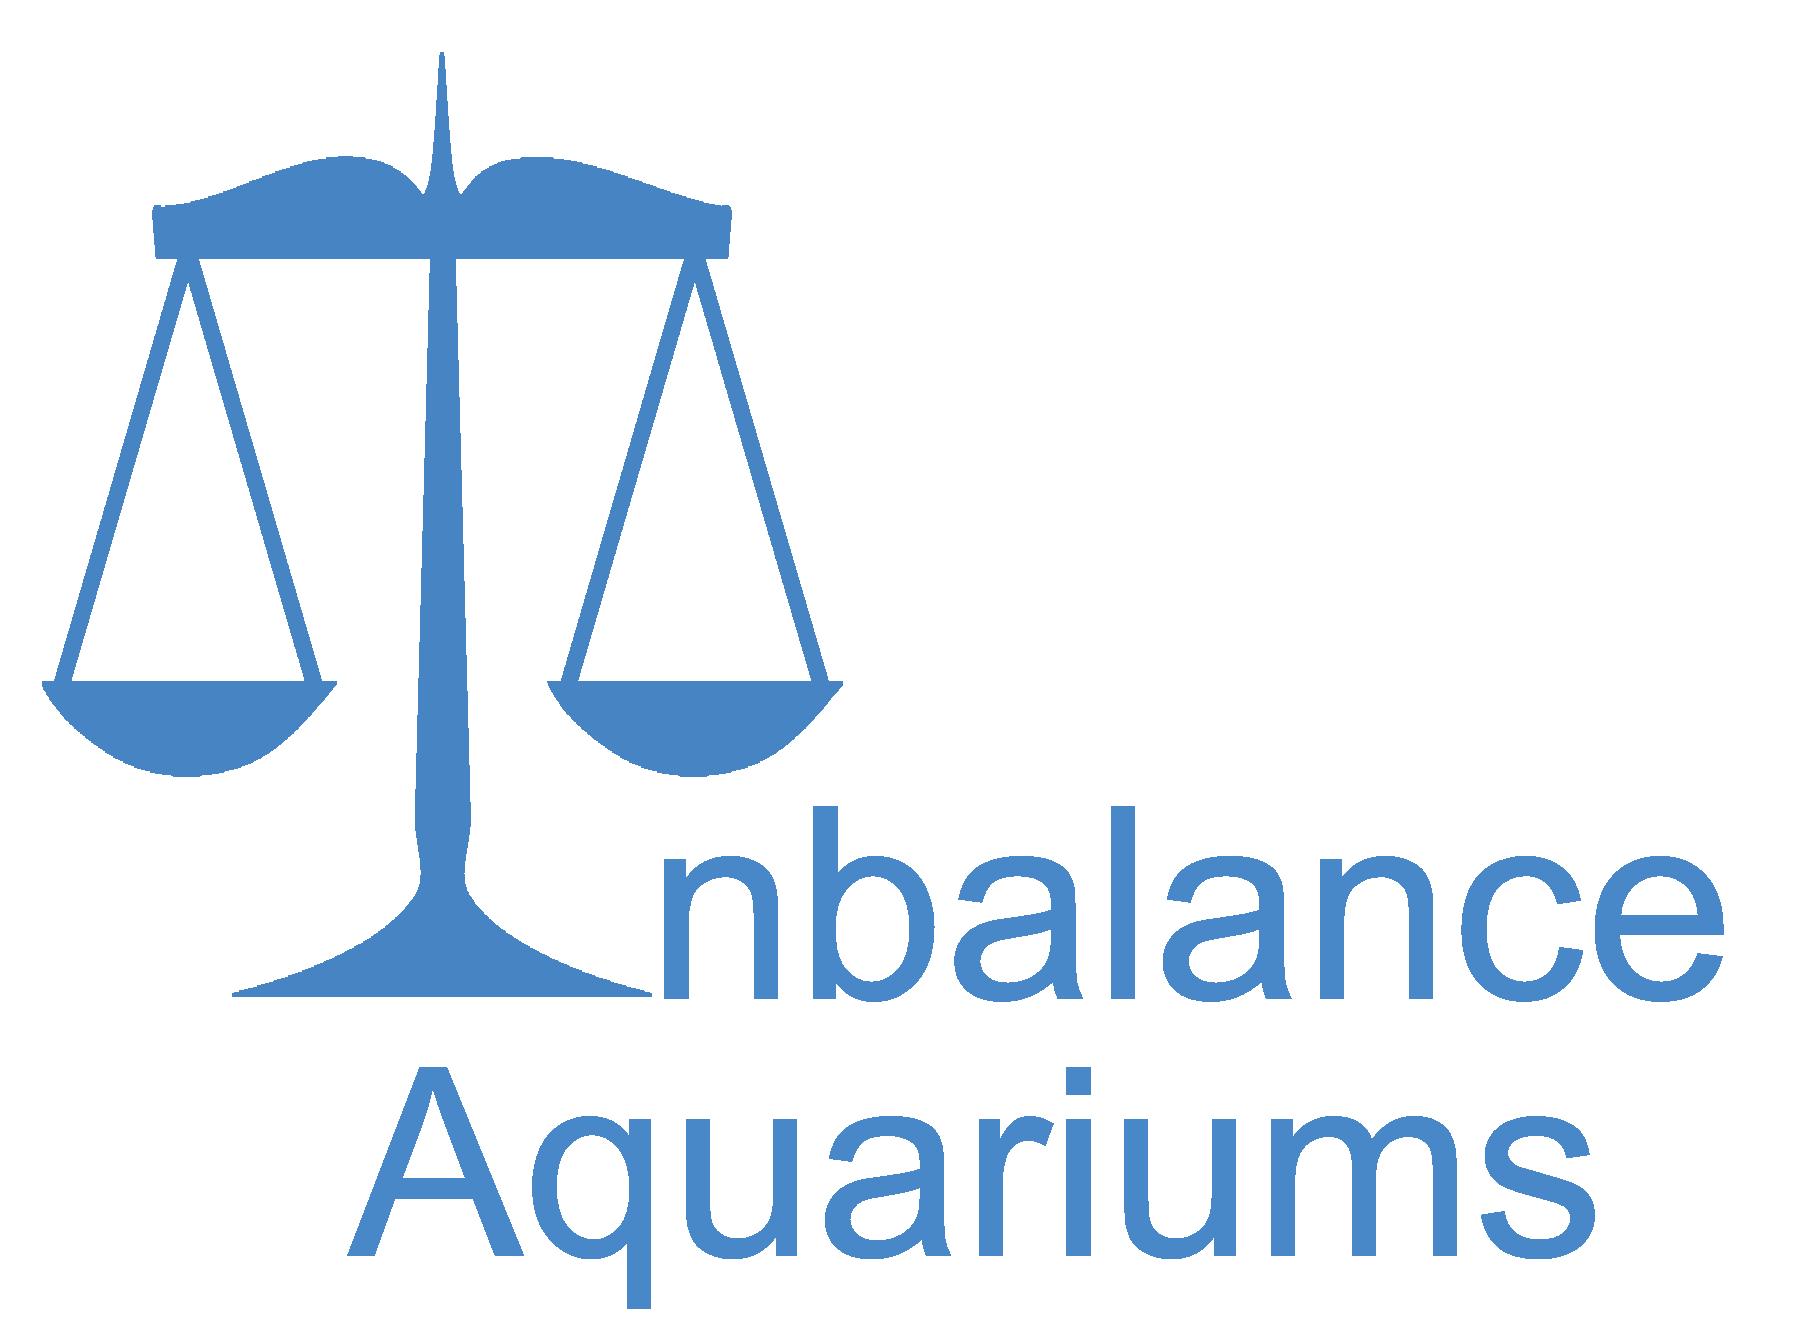 Inbalance Aquarium Services